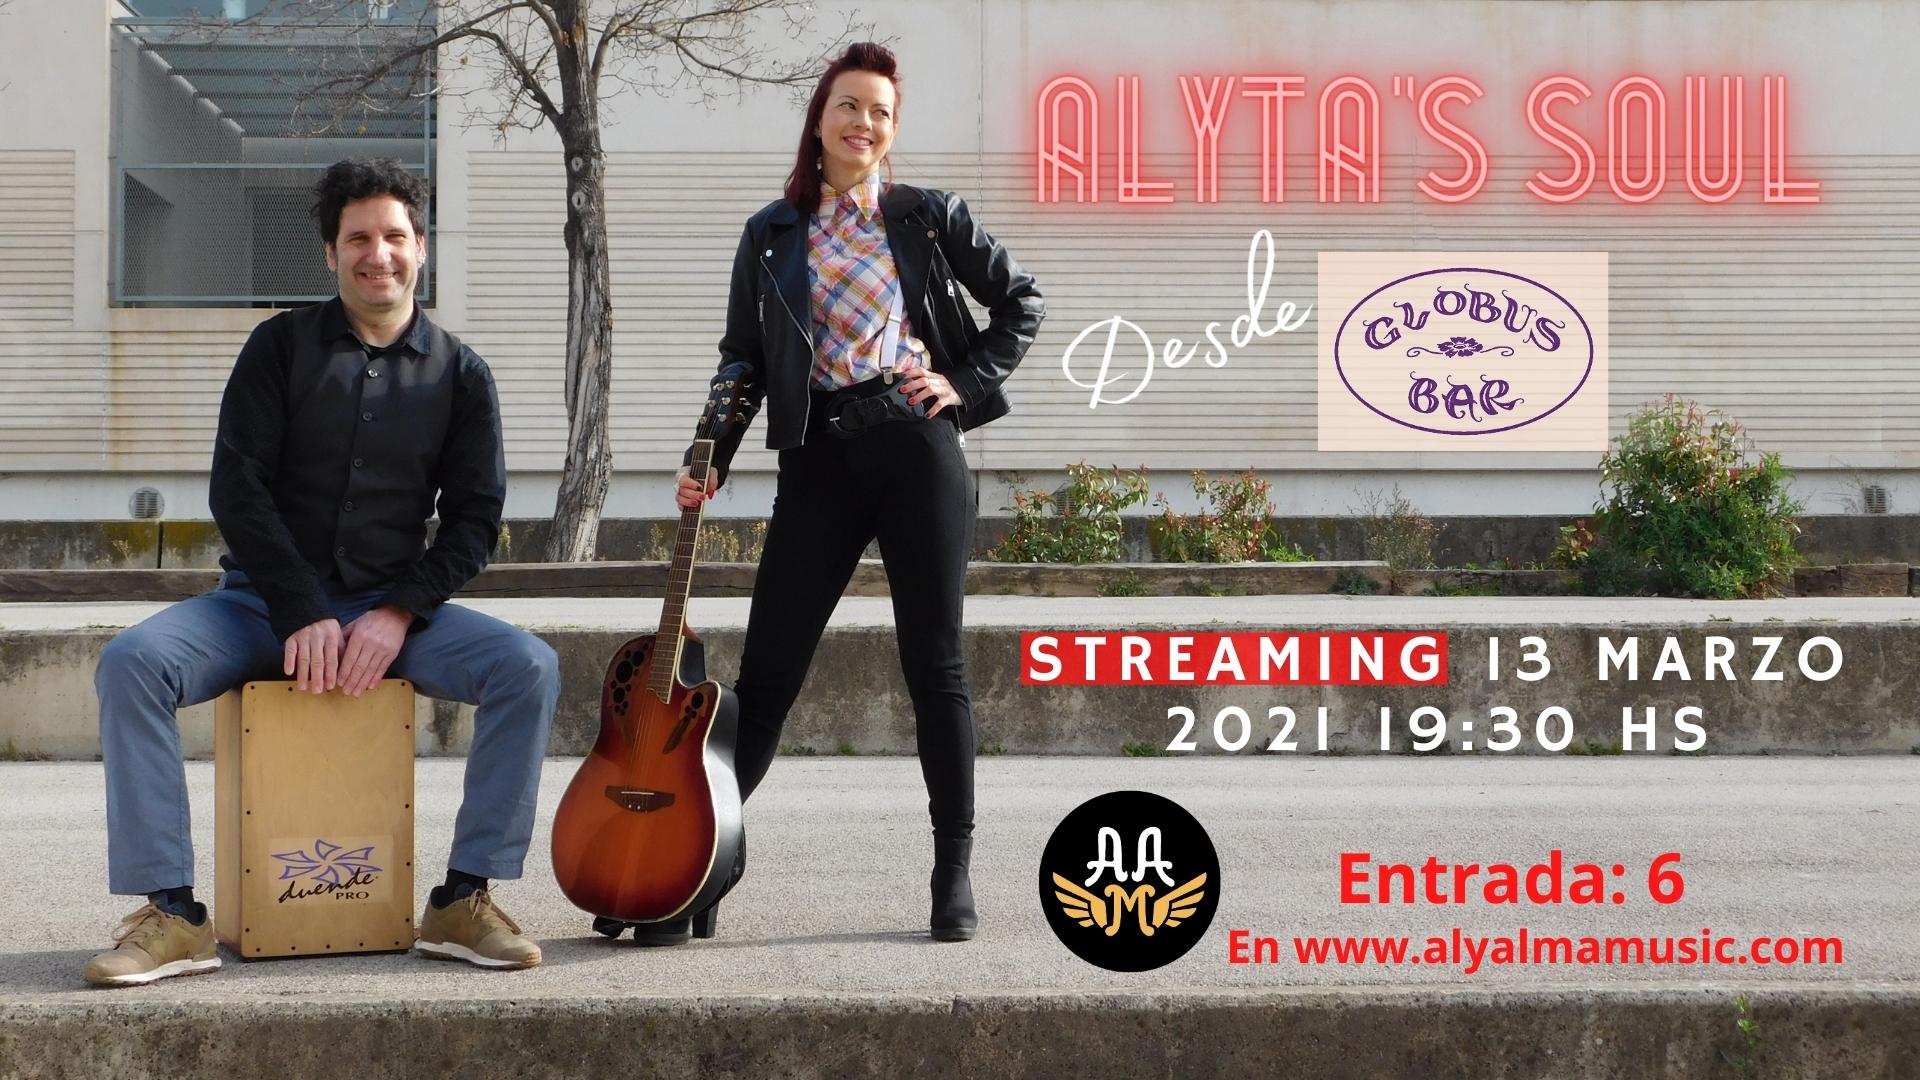 Cartel del concierto de Alyta en Streaming del 13 de marzo del 2021 en el Globus Bar de Manresa